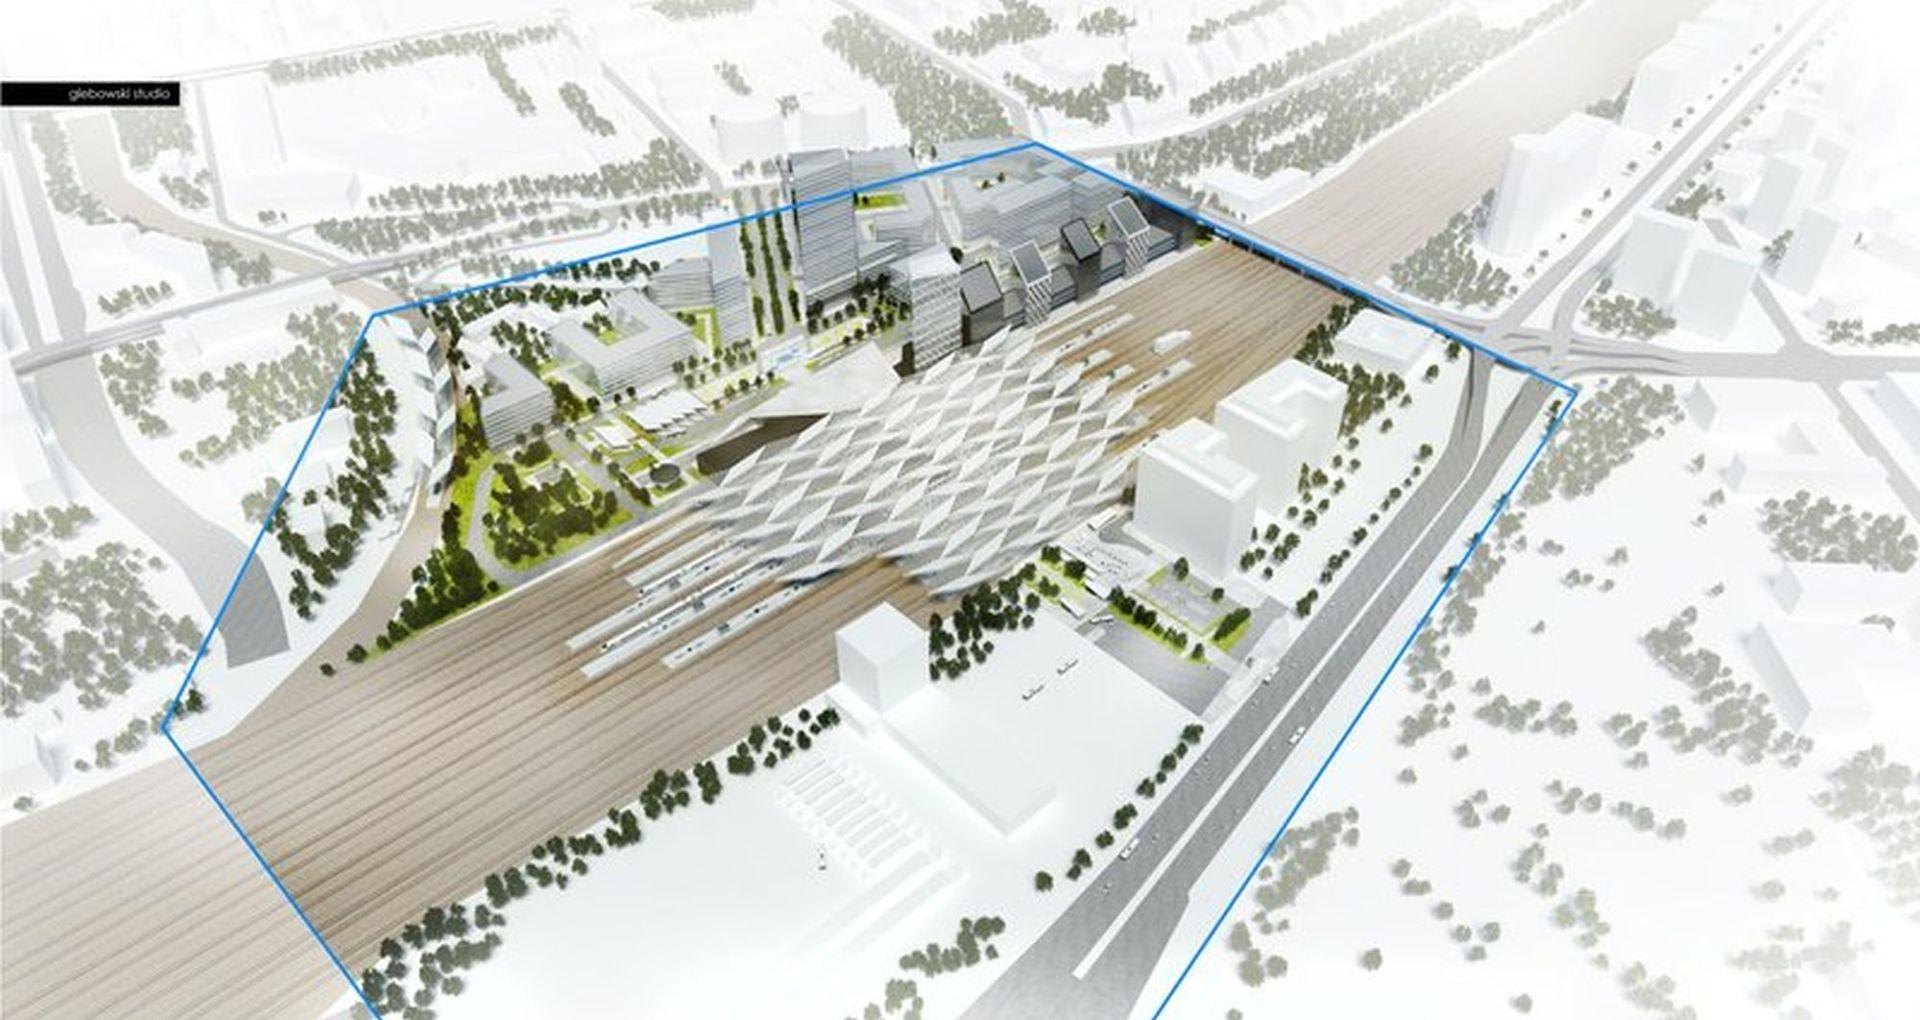 Trwają prace przy przebudowie Dworca Warszawa Zachodnia [FILM + ZDJĘCIA]